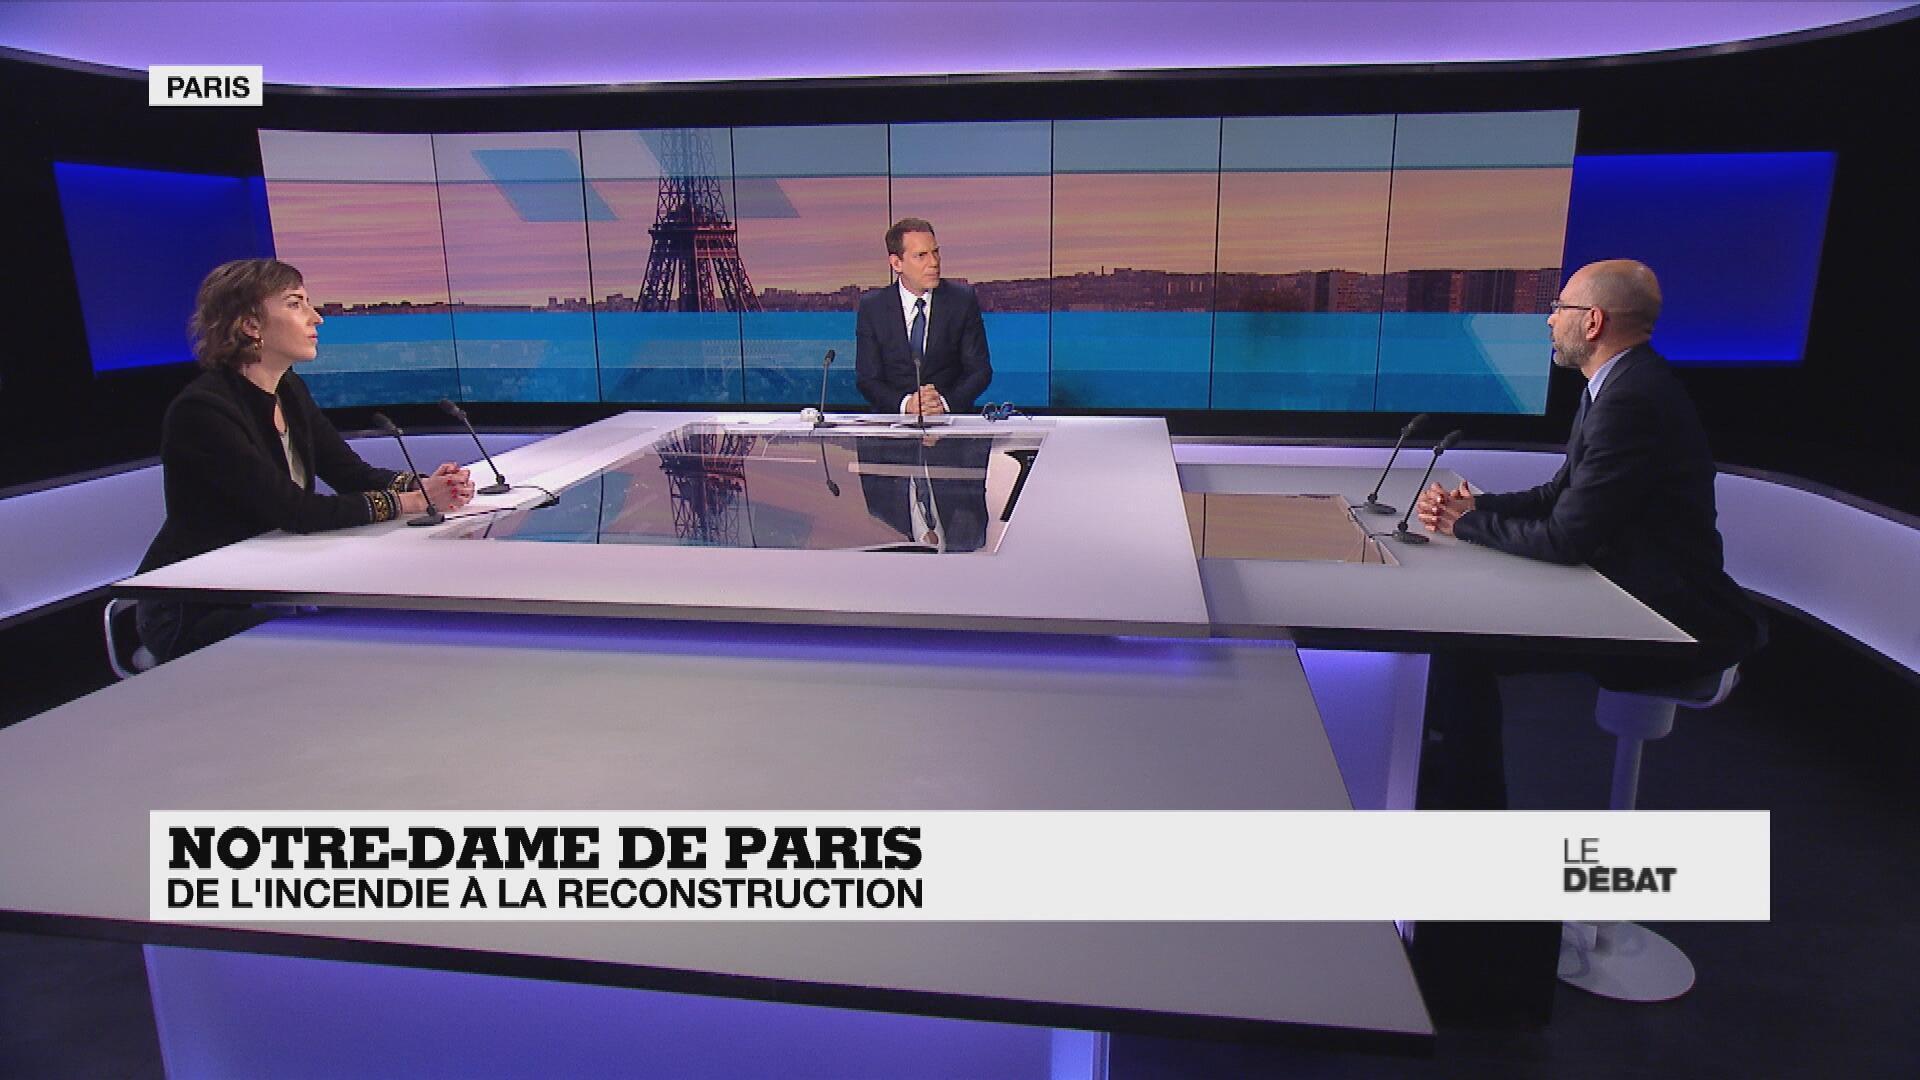 Le Débat de France 24 - jeudi 15 avril 2021